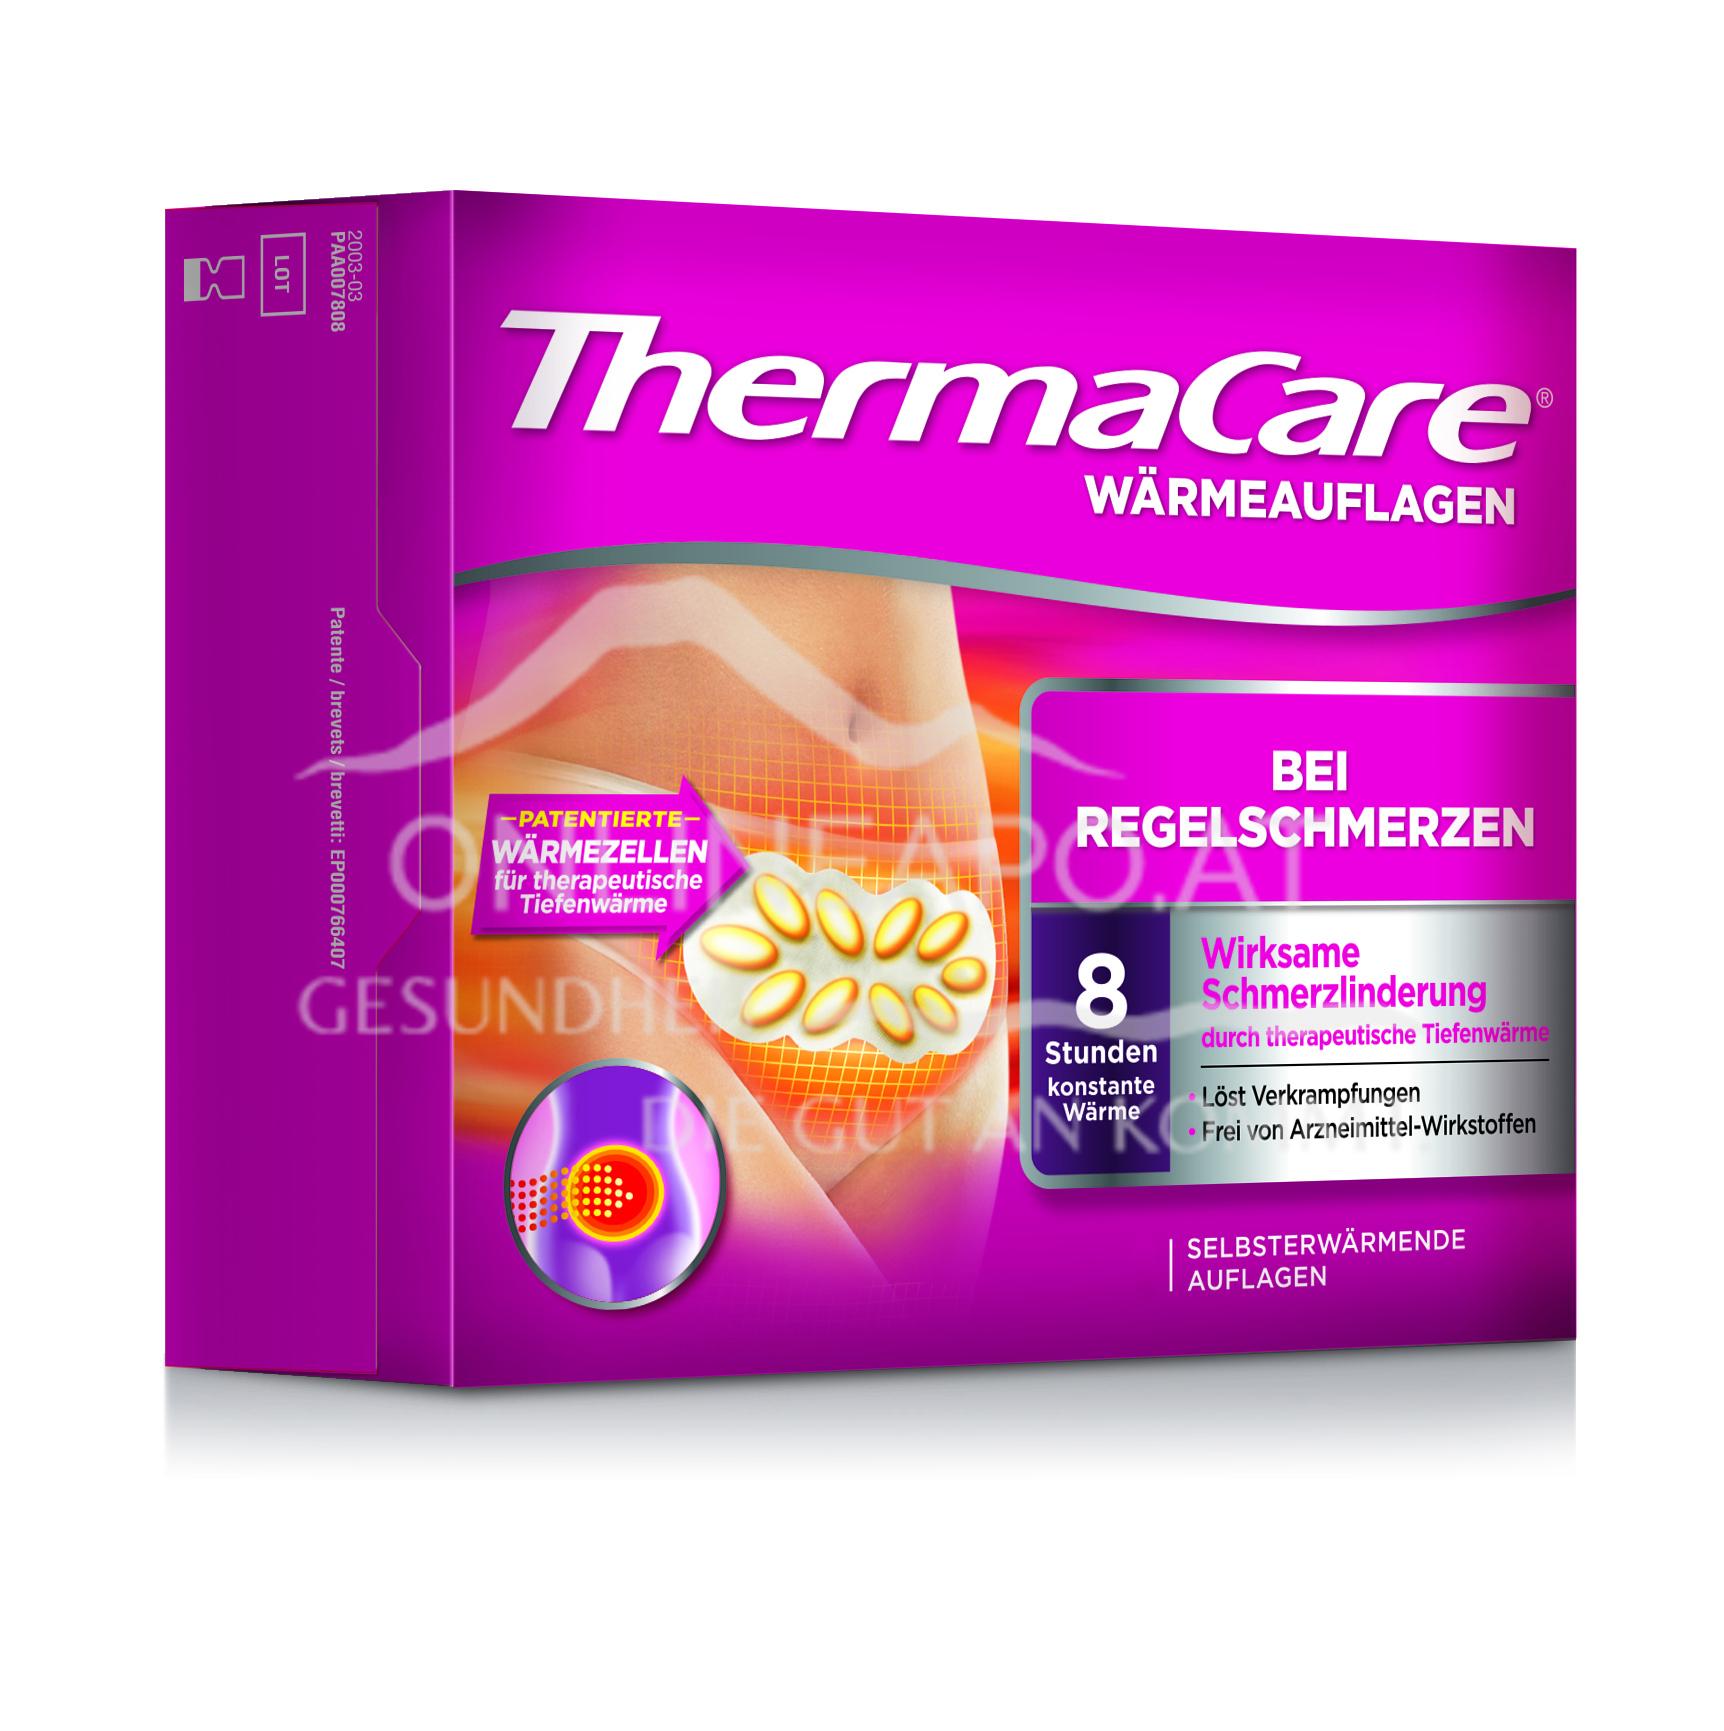 ThermaCare® Wärmeauflagen bei Regelschmerzen